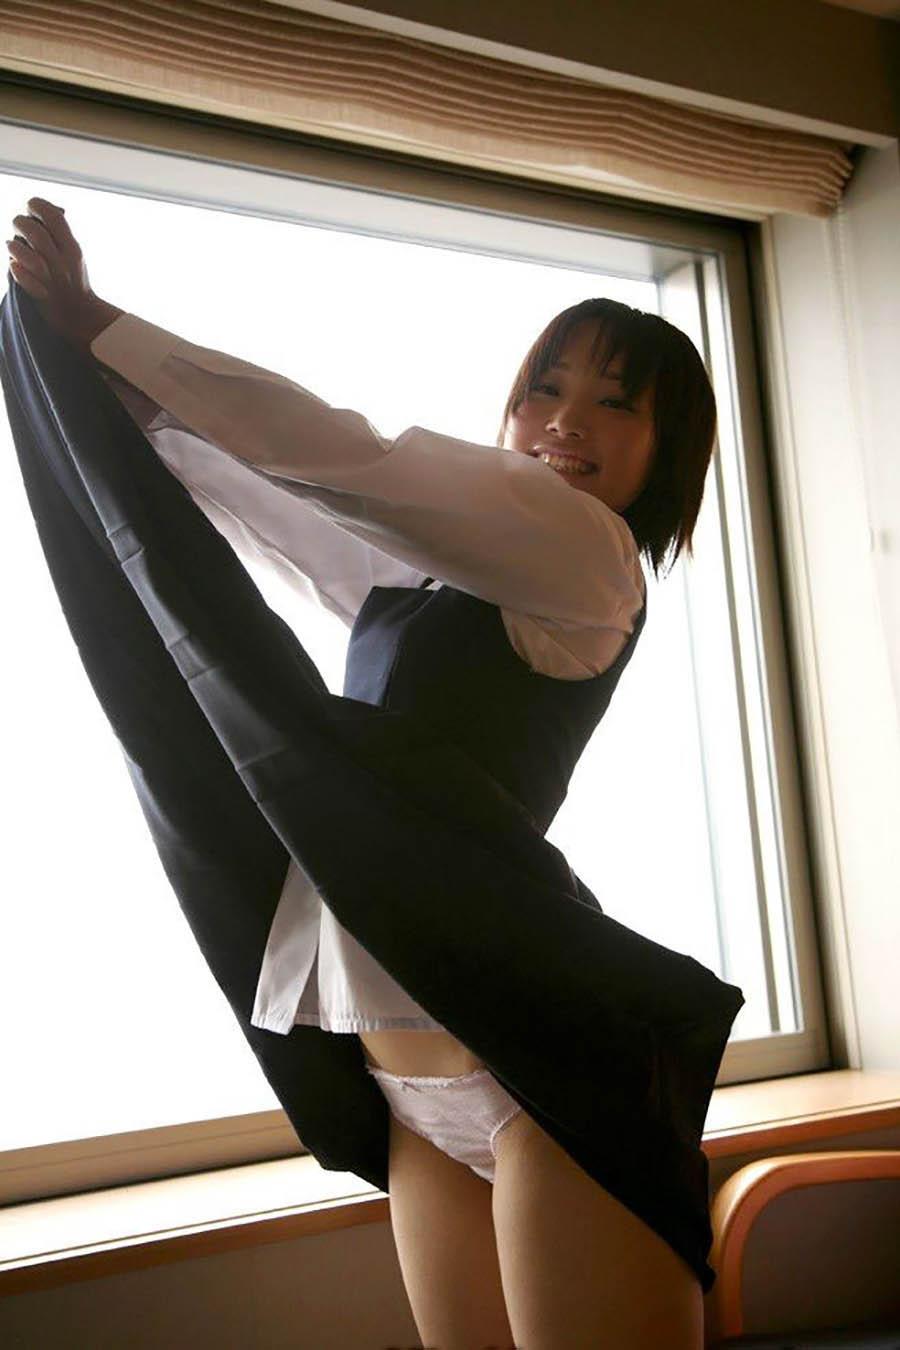 自分で制服スカートをめくってパンツを丸出しにしている女の子